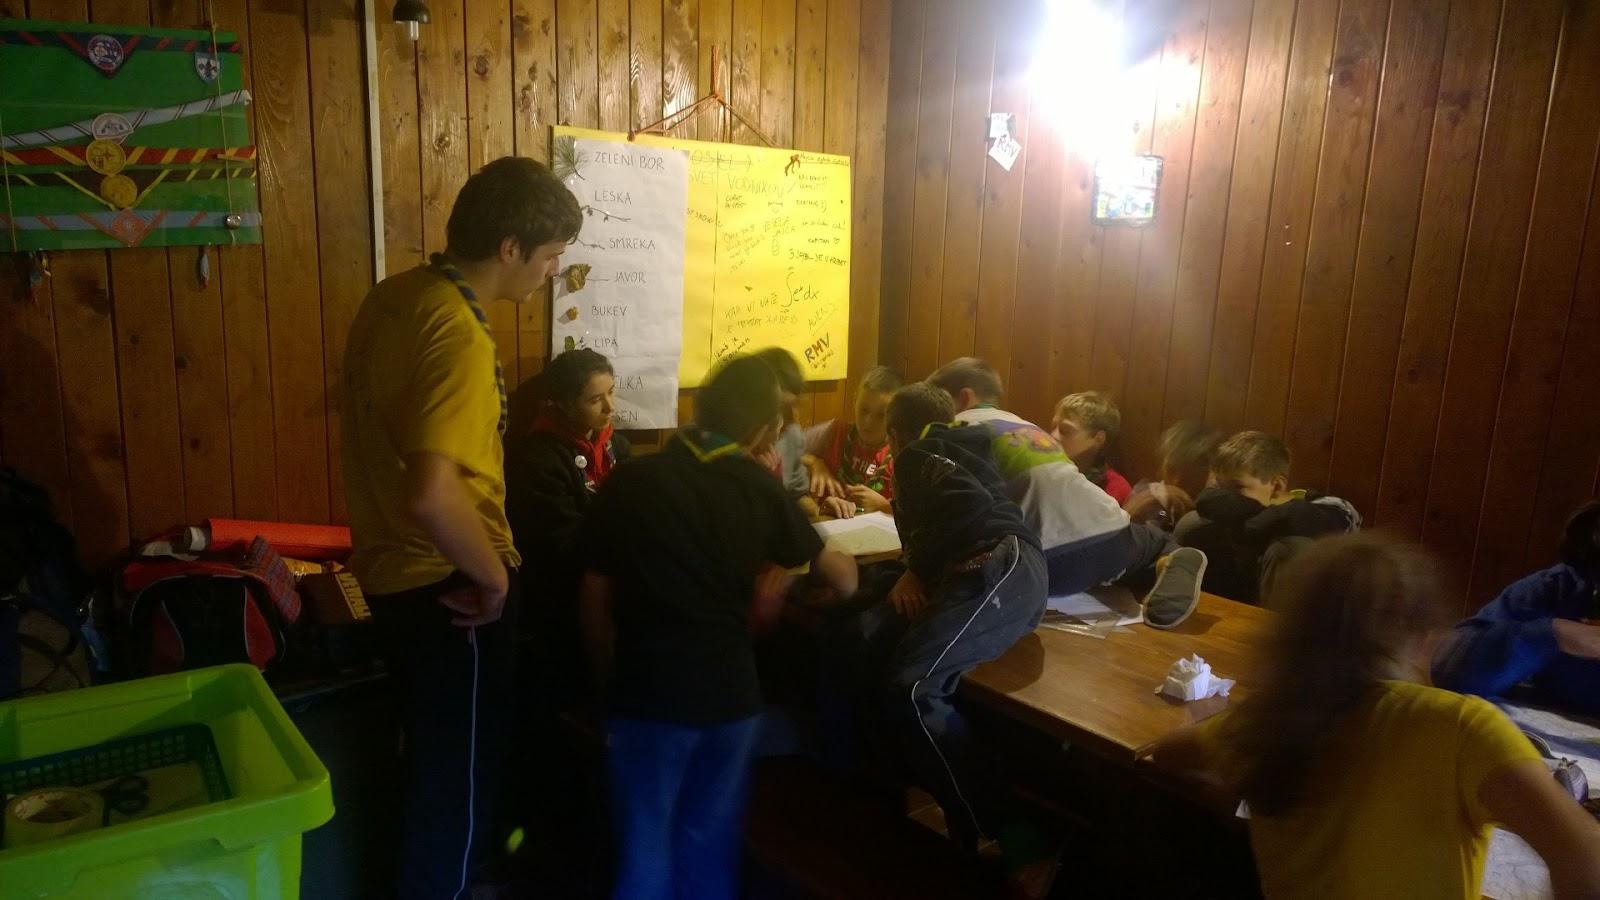 Jesenovanje, Črni dol 2015 - WP_20151121_10_14_27_Pro.jpg